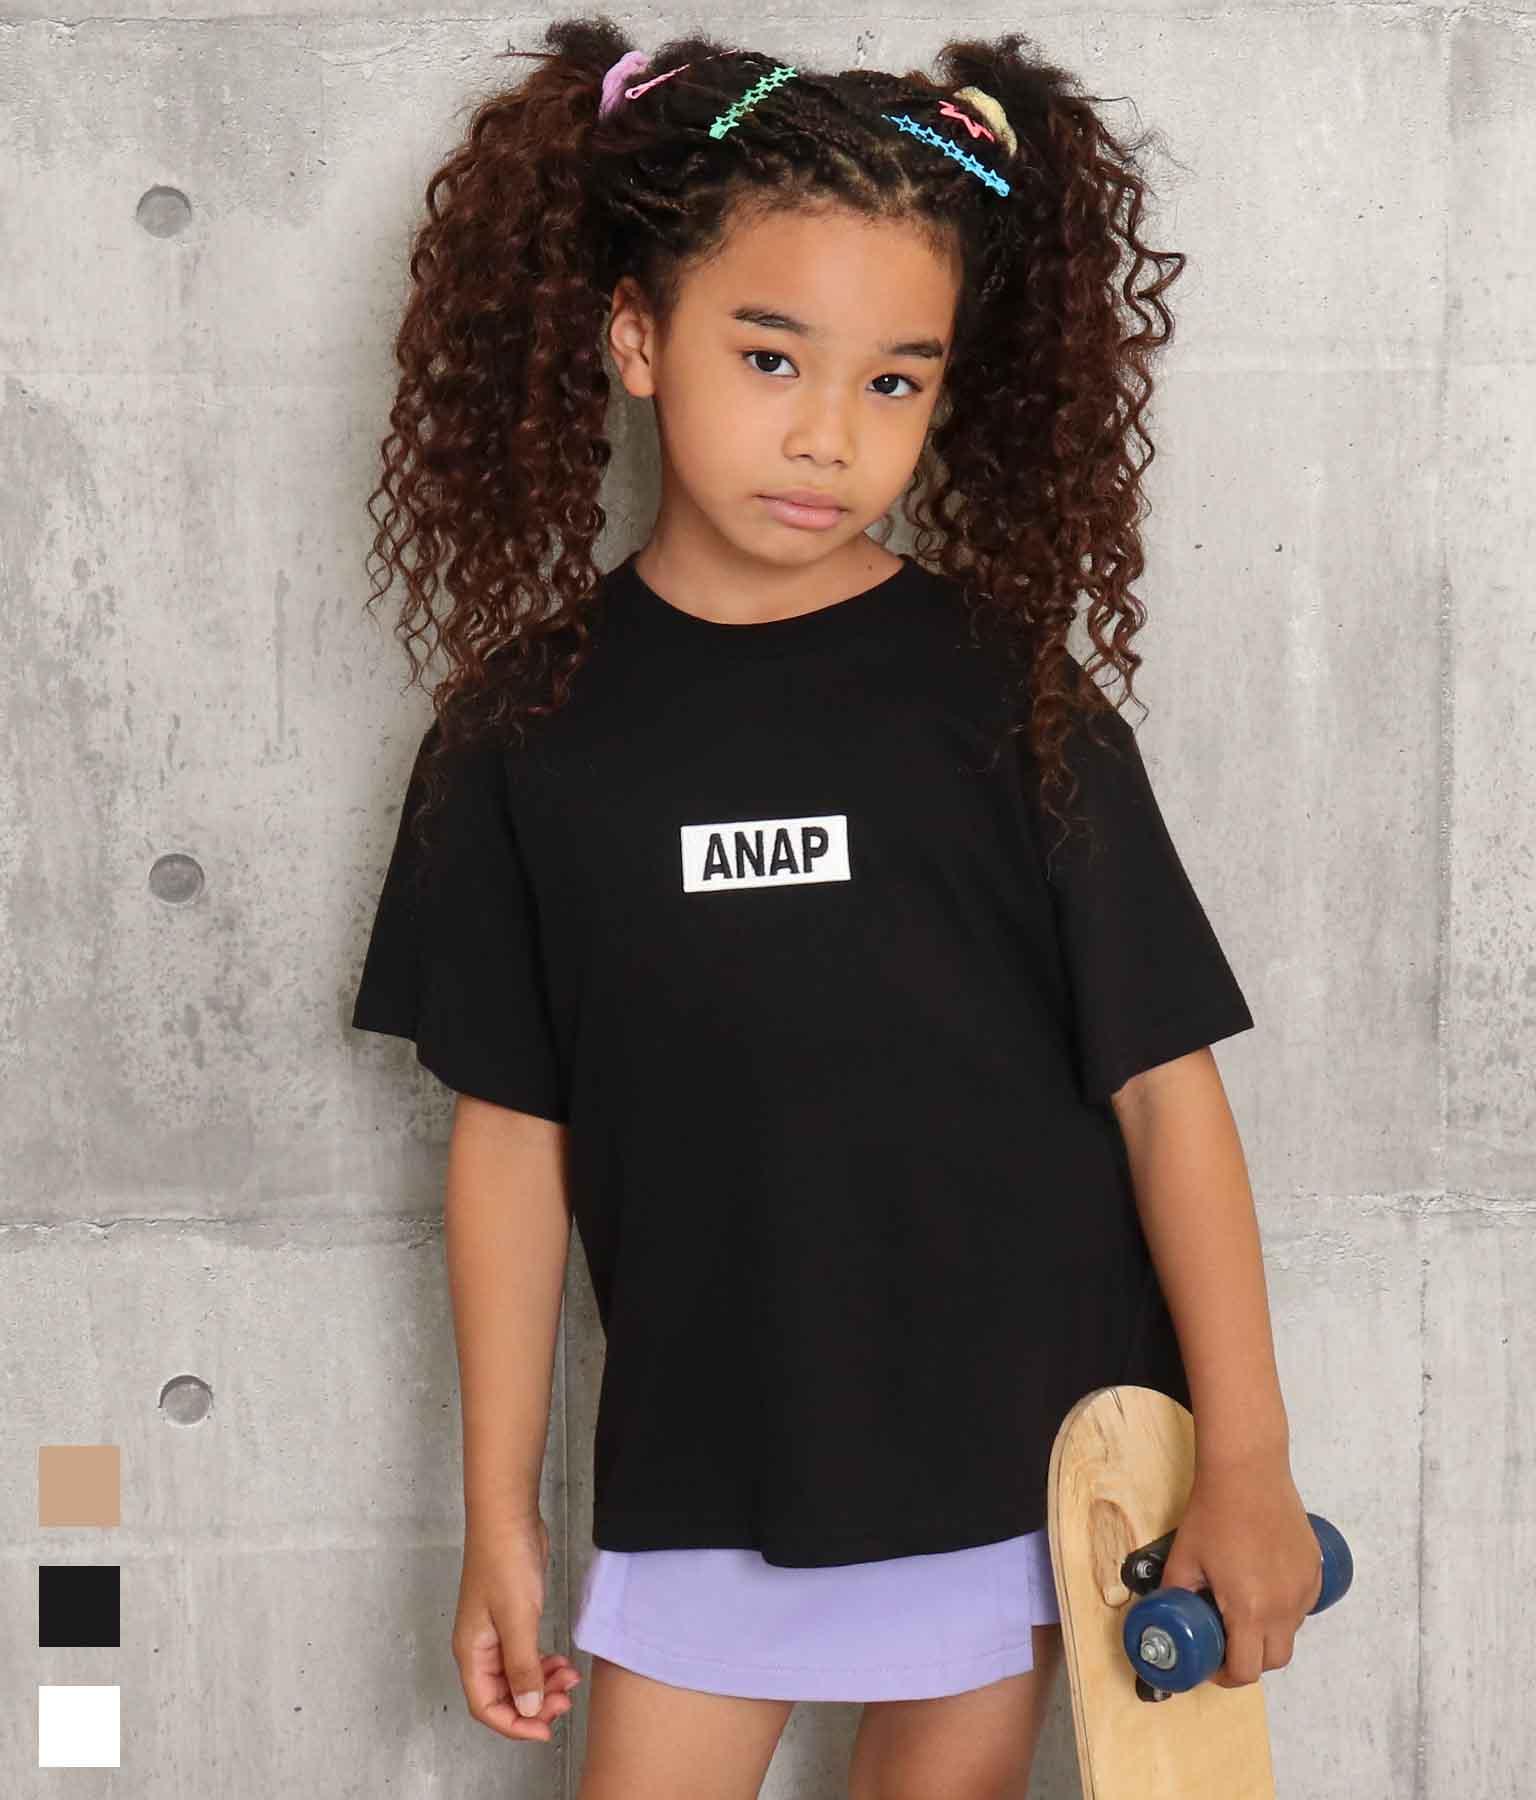 ANAPロゴ刺繍ビッグTシャツ